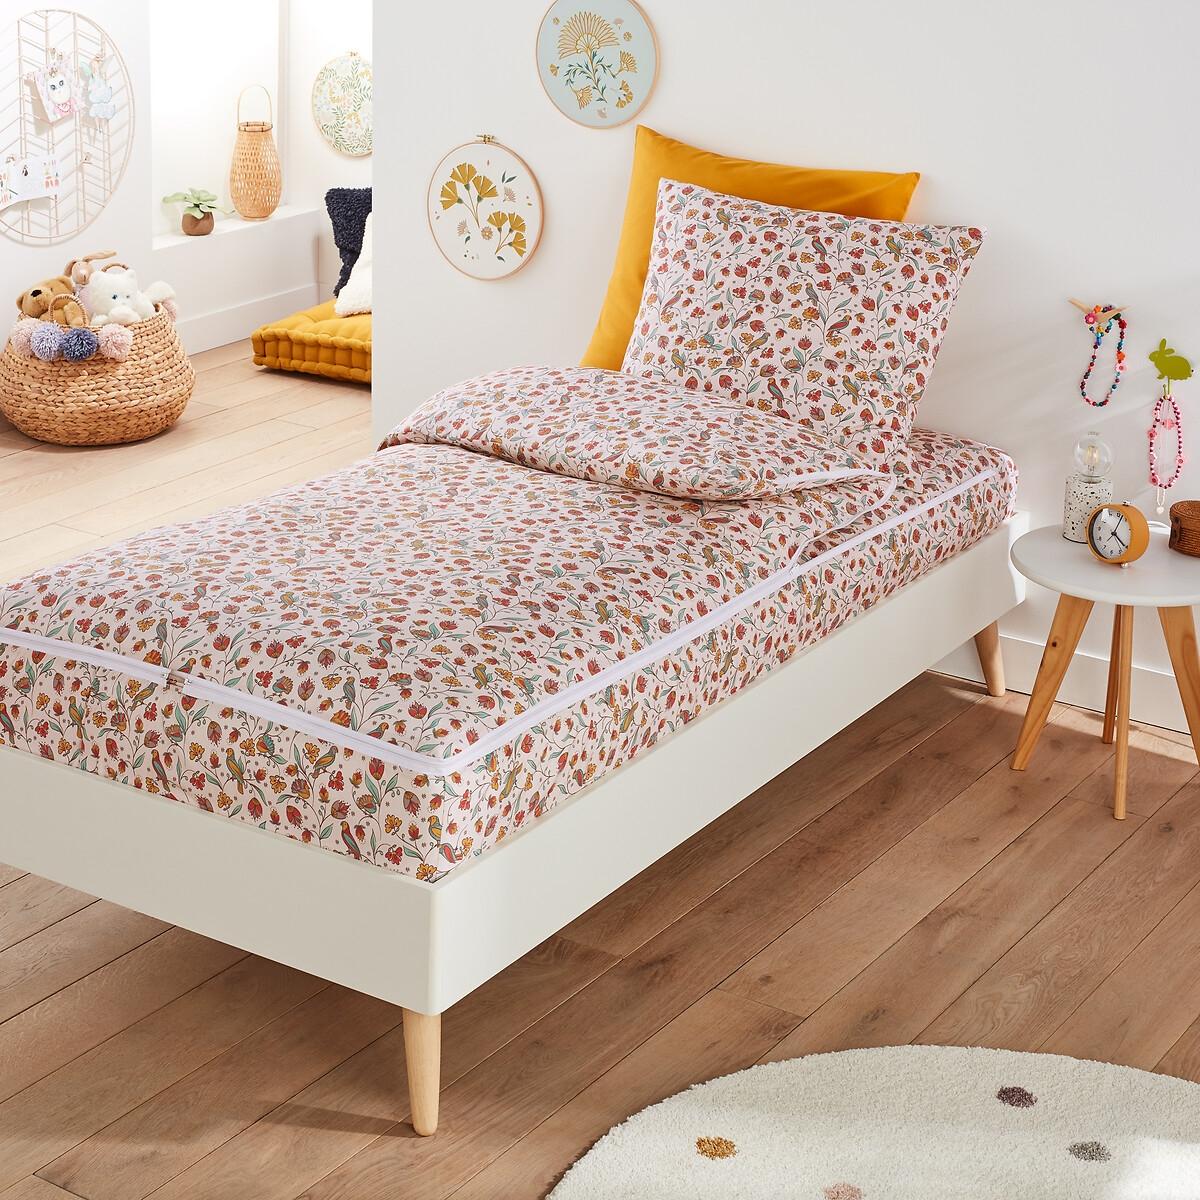 Постельный LaRedoute Набор без одеяла Bertille 90 x 140 см розовый простыня laredoute натяжная из джерси для кровати грудного ребенка scenario 70 x 140 см синий